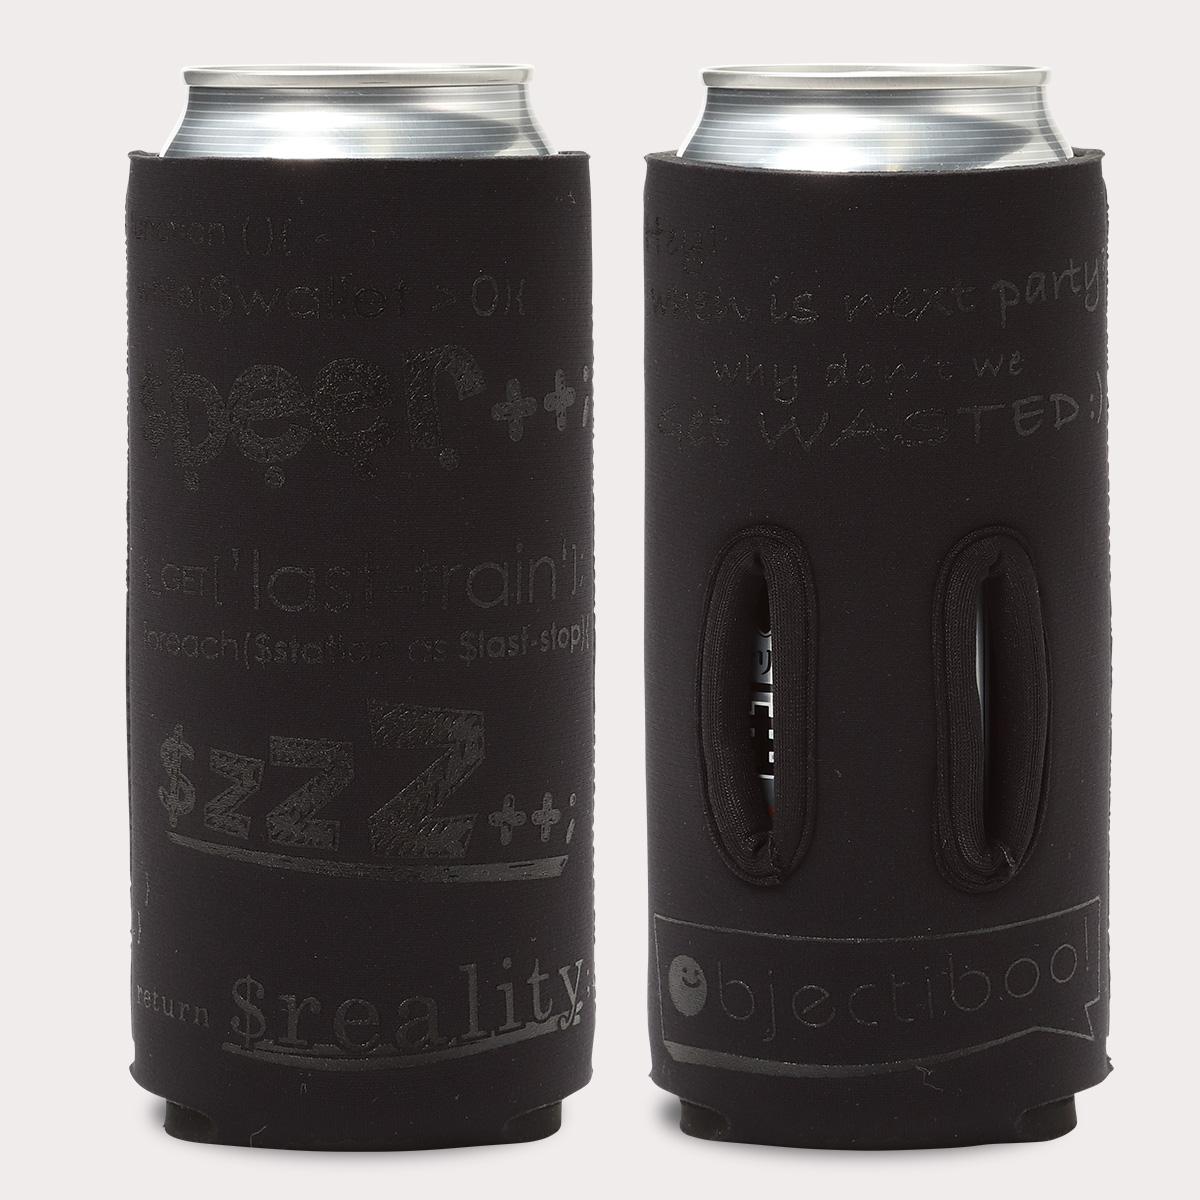 通せるクージー500 JOURNEY ブラック on ブラック